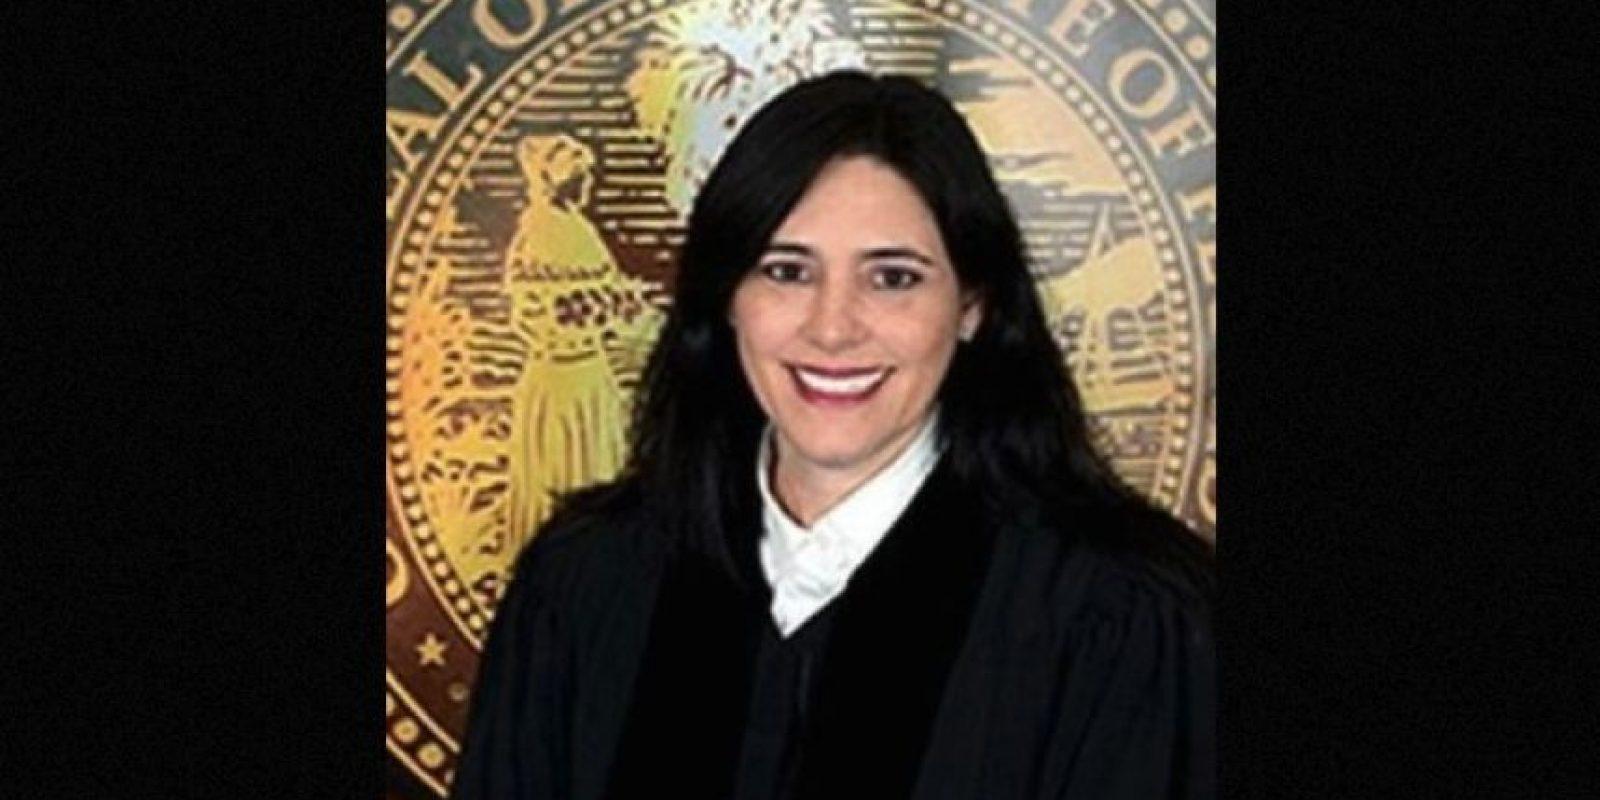 2. Excompañeros de clase se reúnen en corte: ella como jueza y él como acusado Foto:YouTube – Archivo